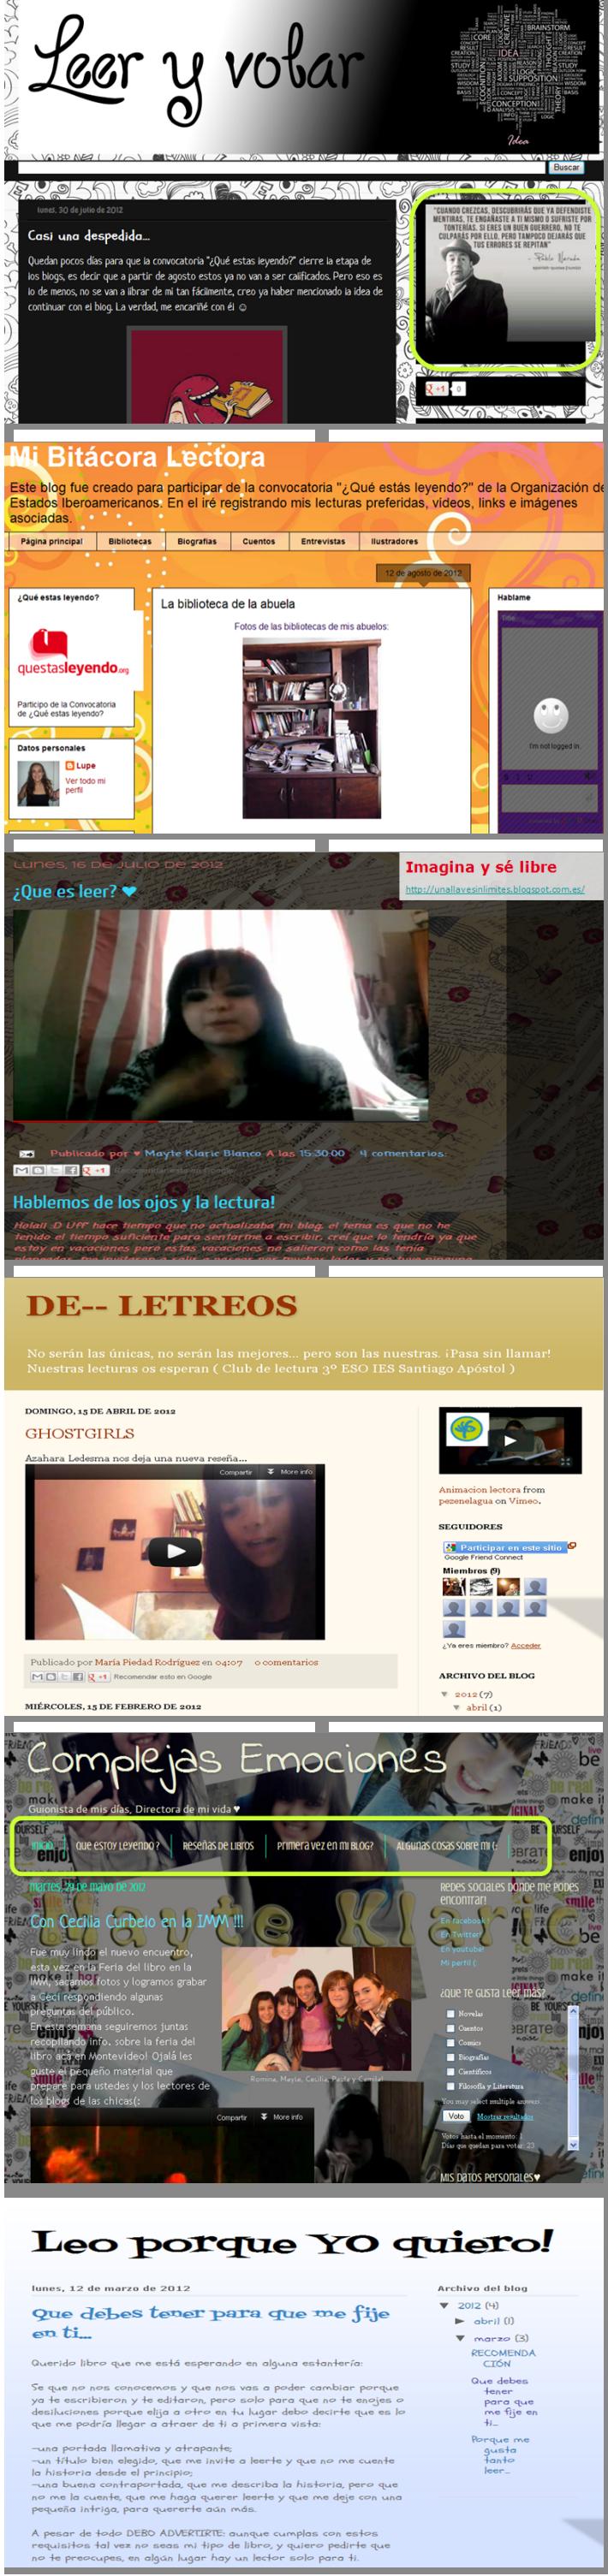 questasleyendo_blogs